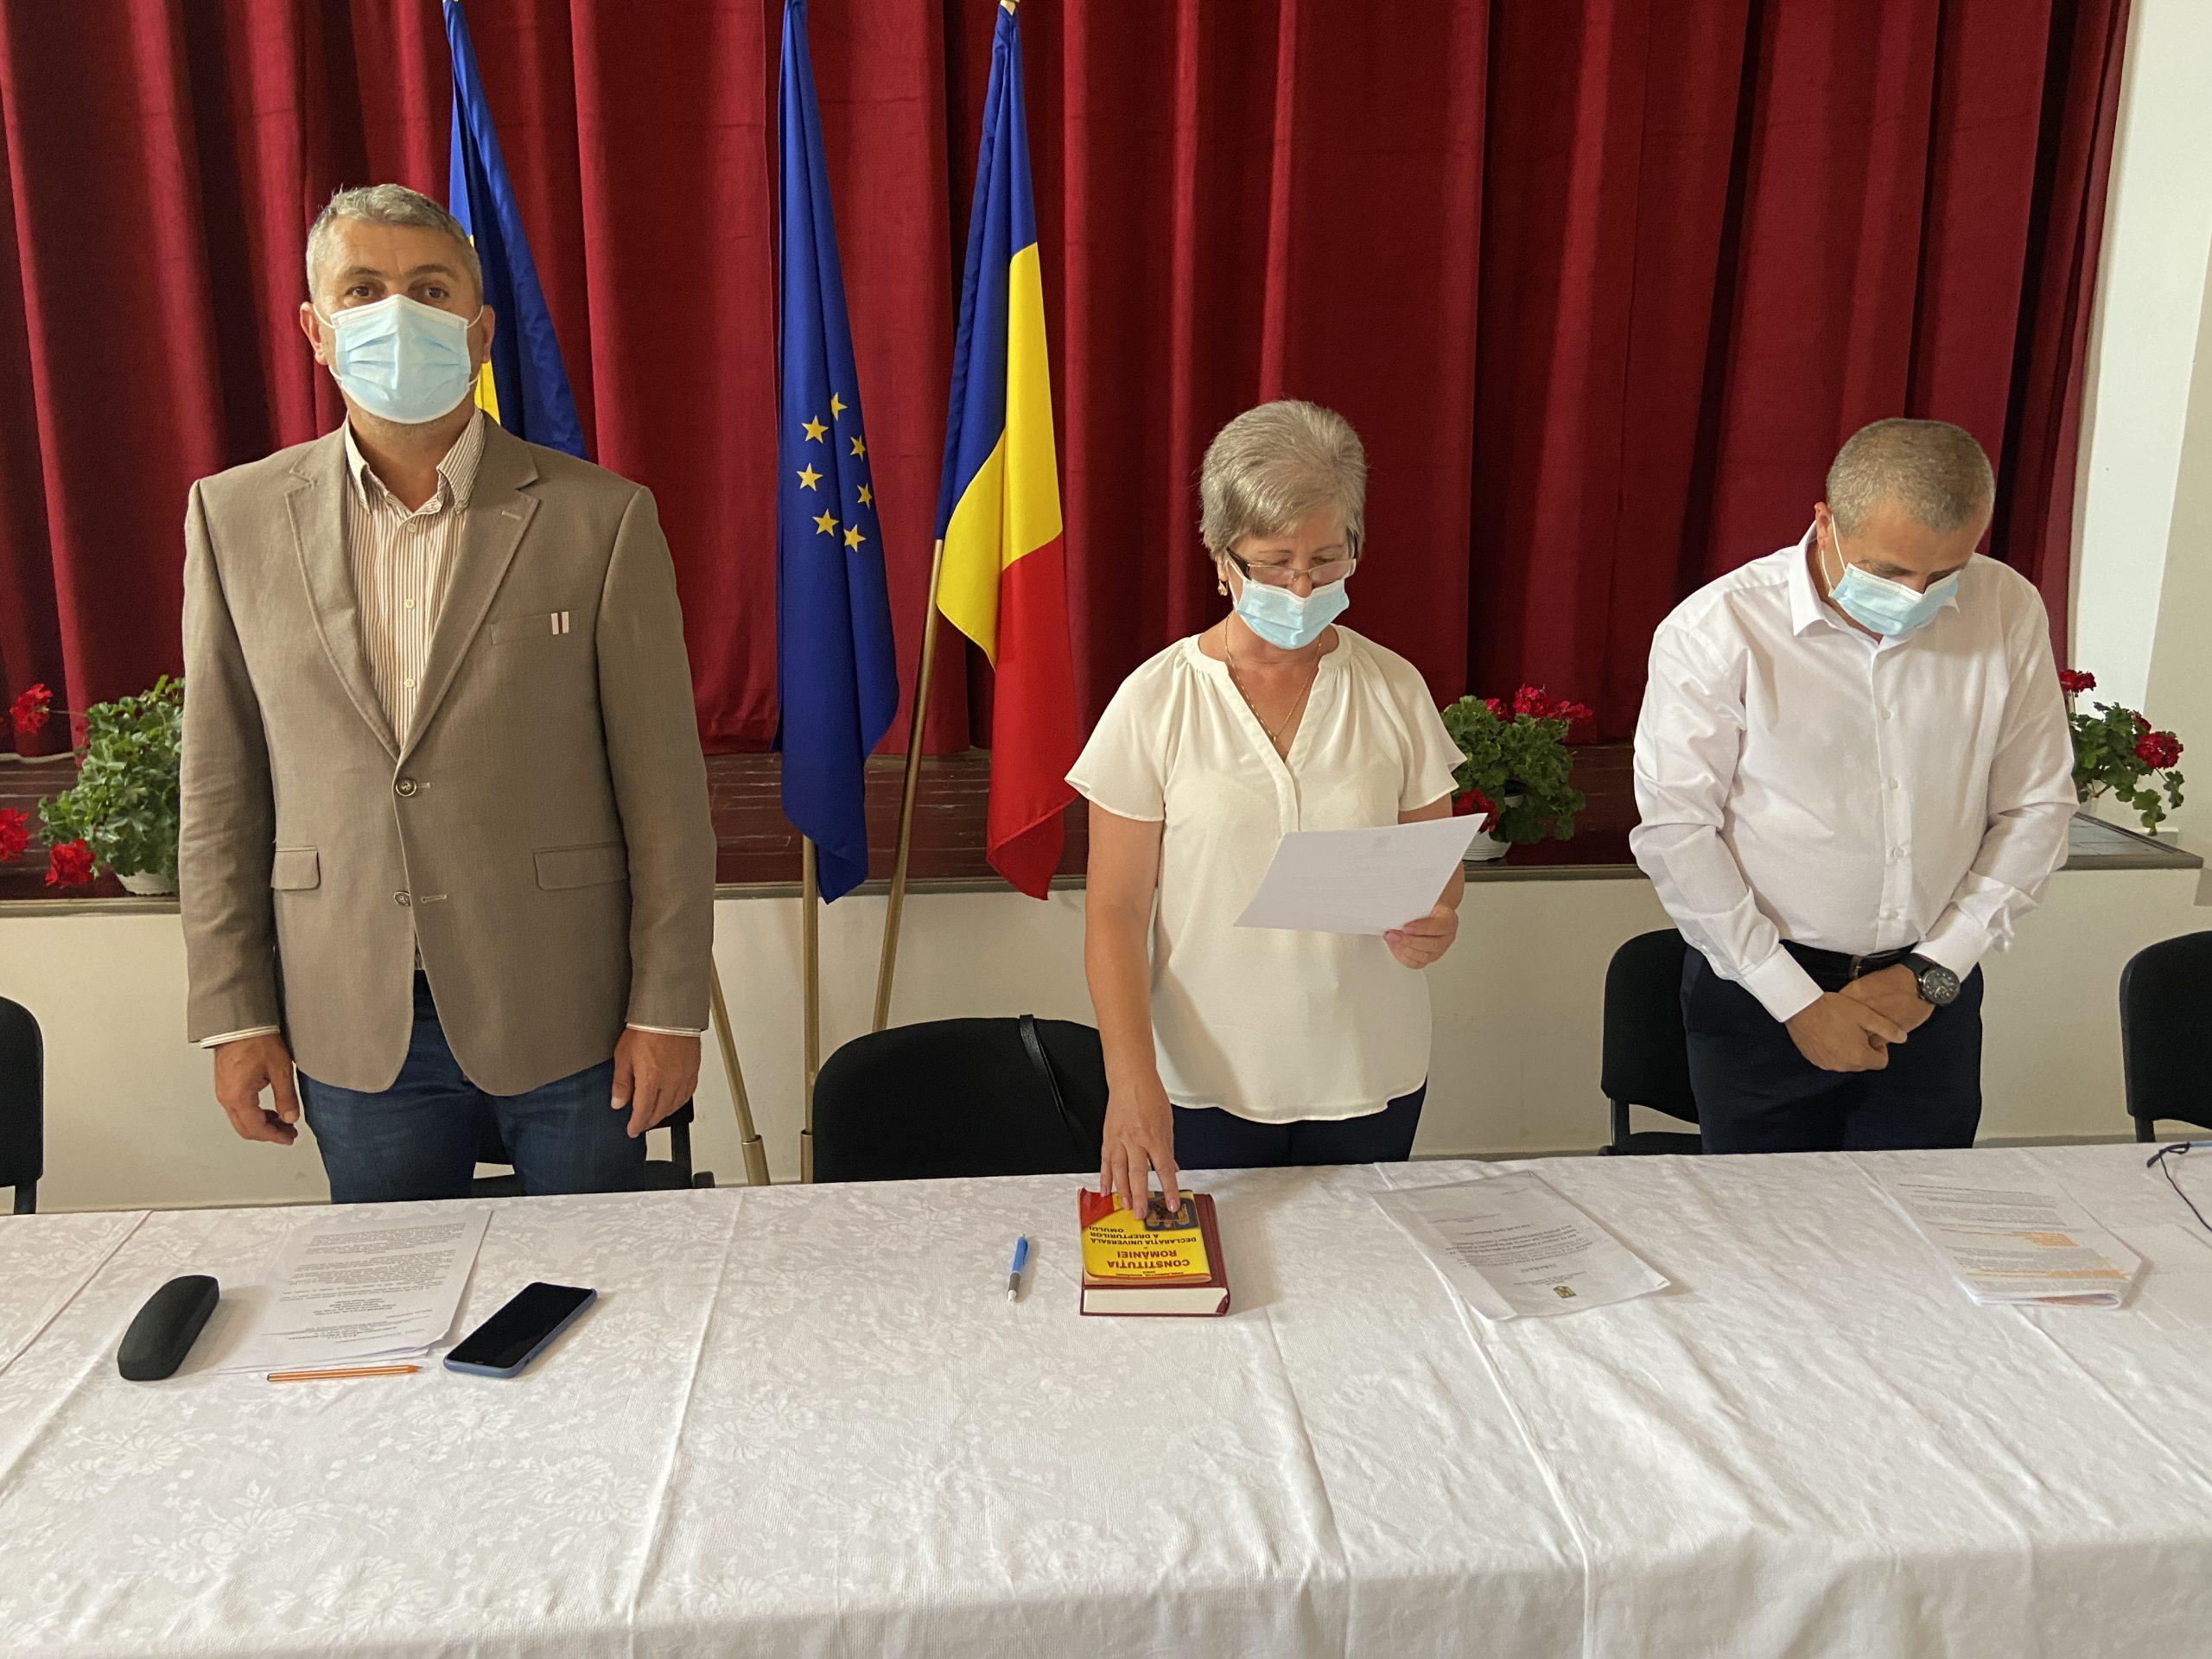 Primarul comunei Romos, Mihaiela Daniela Csatlos-Koncz, a depus jurământul